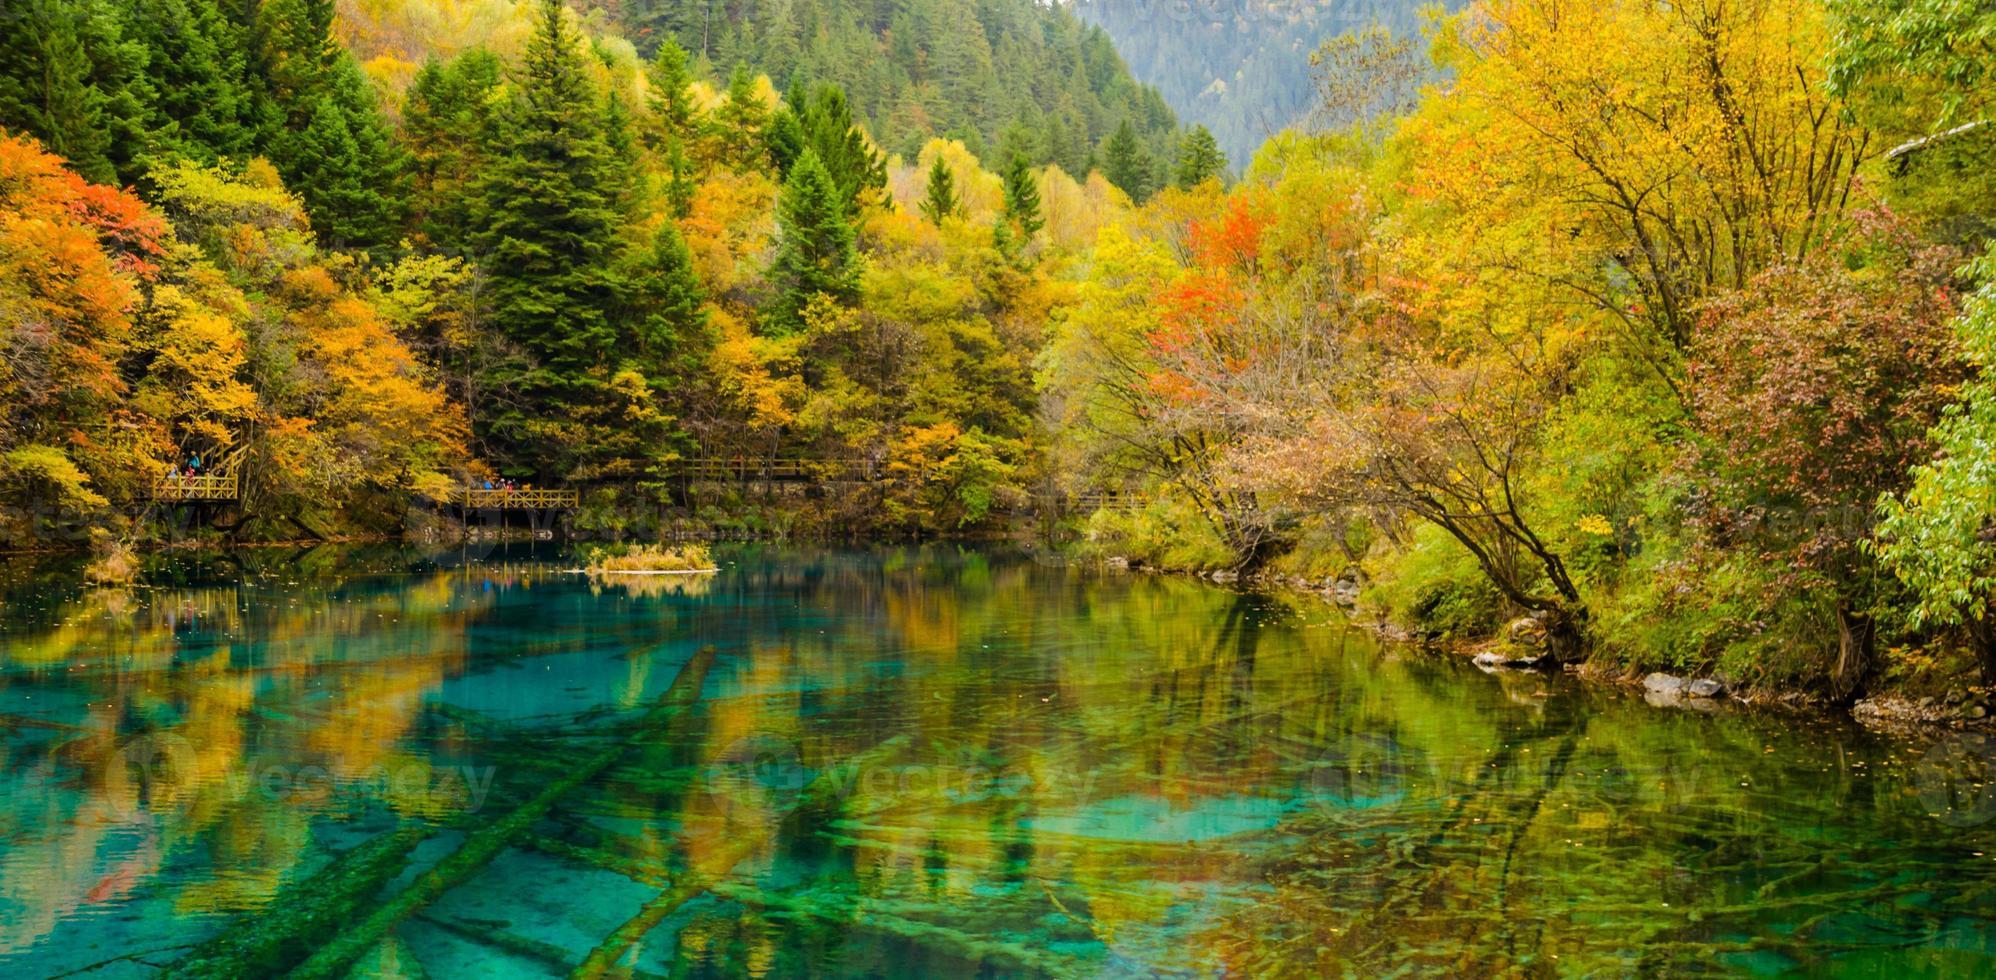 Autumn in Jiuzhaigou national park, Sichuan, China photo